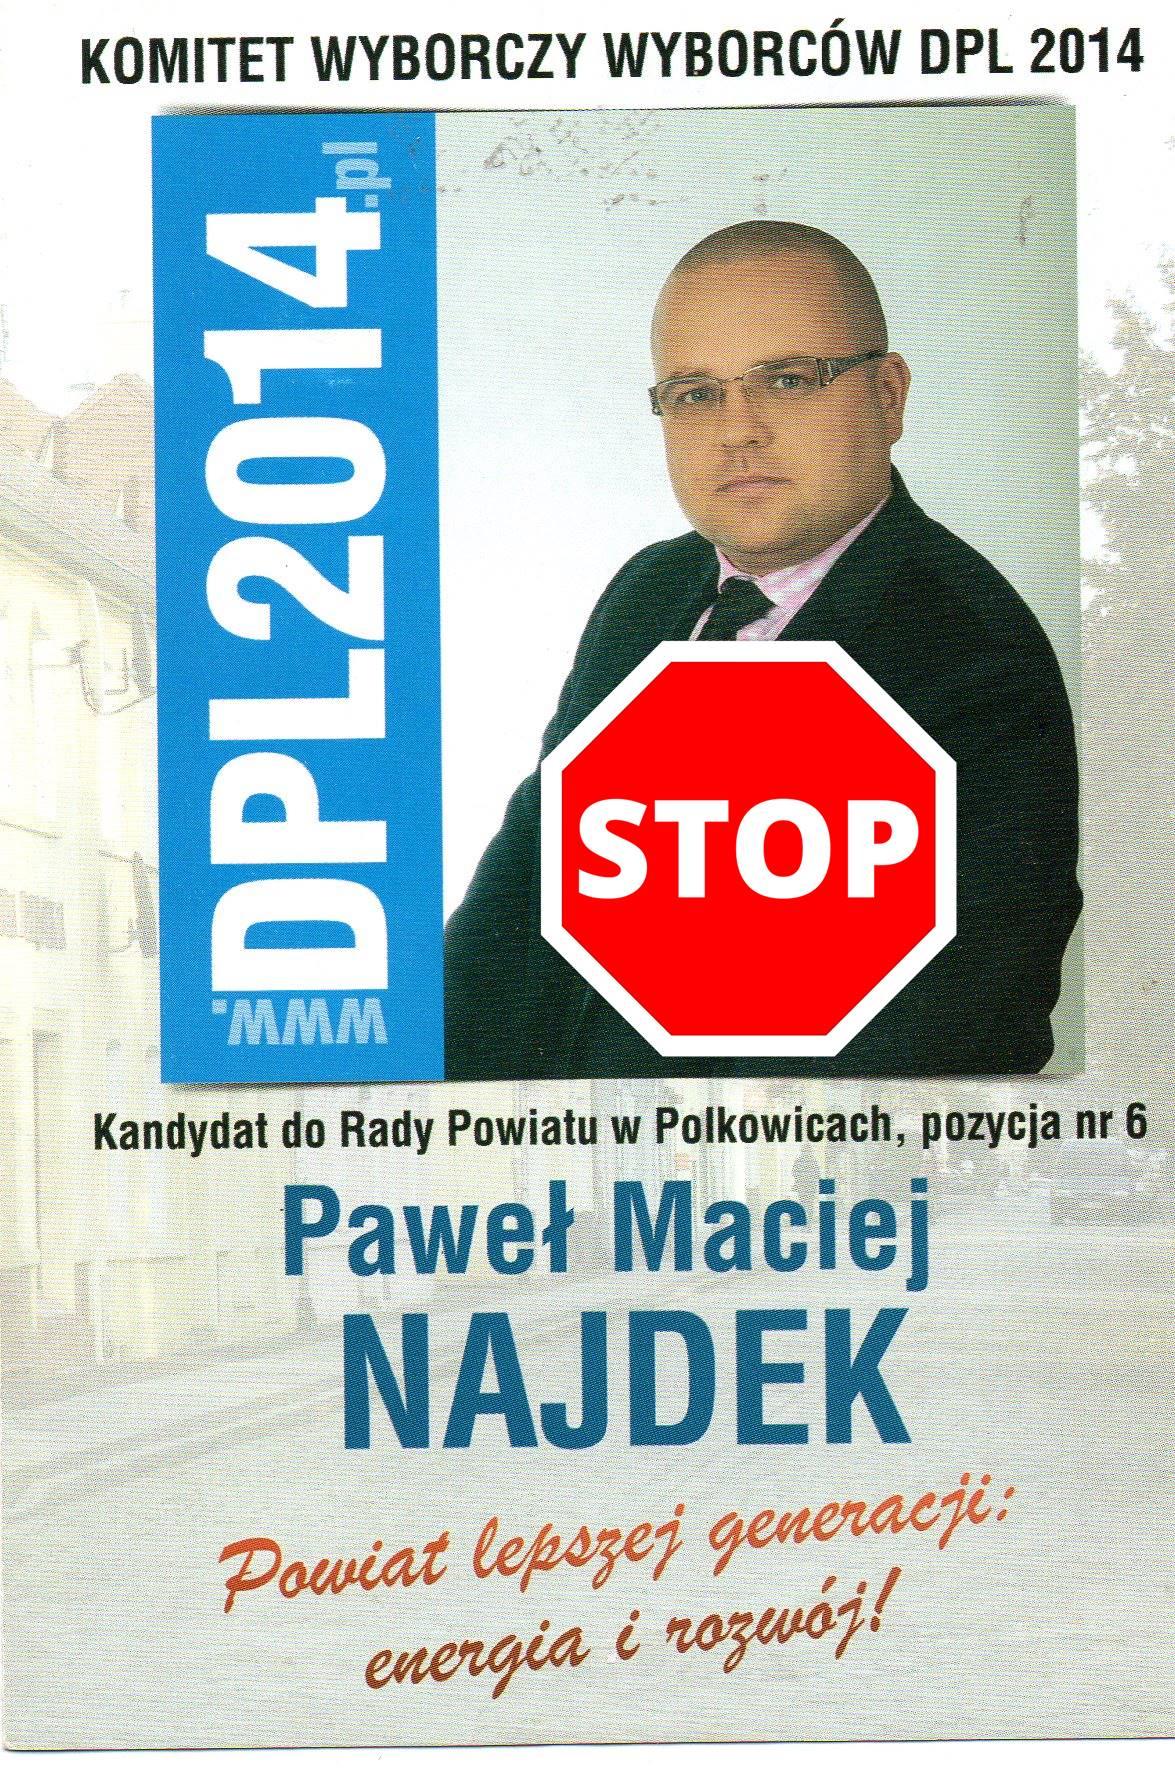 Stop Paweł Najdek